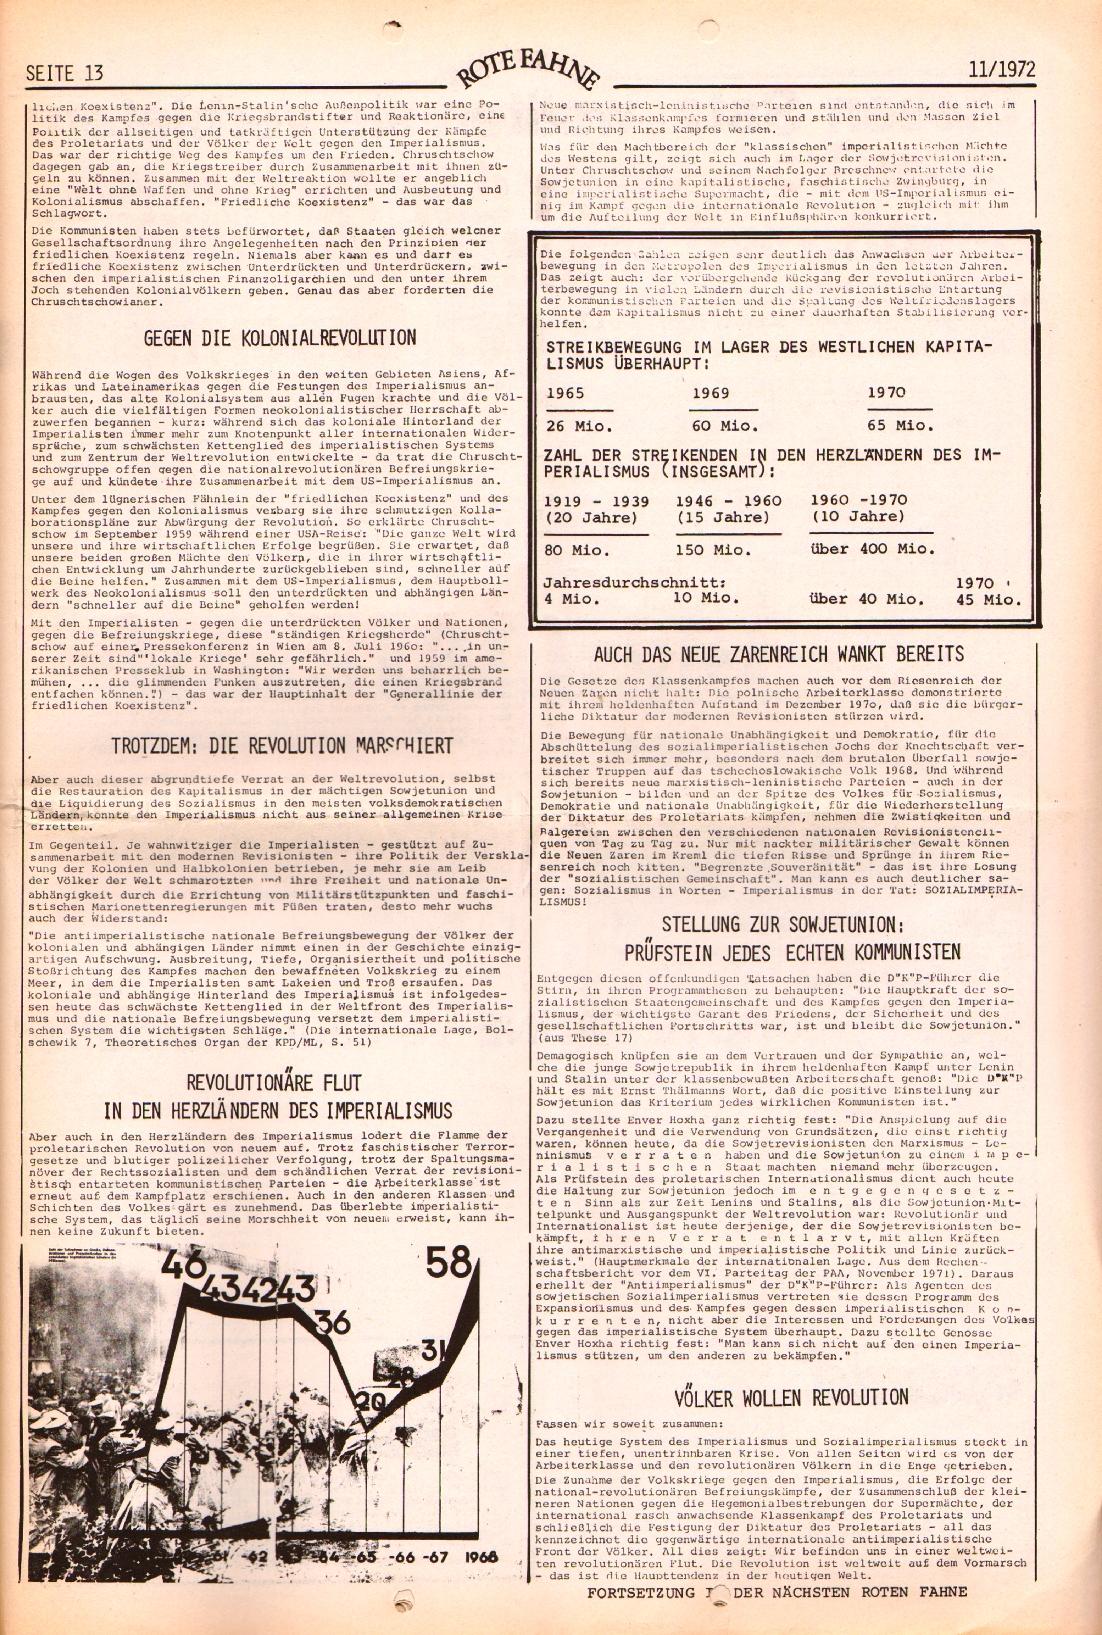 Rote Fahne, 3. Jg., 29.5.1972, Nr. 11, Seite 13